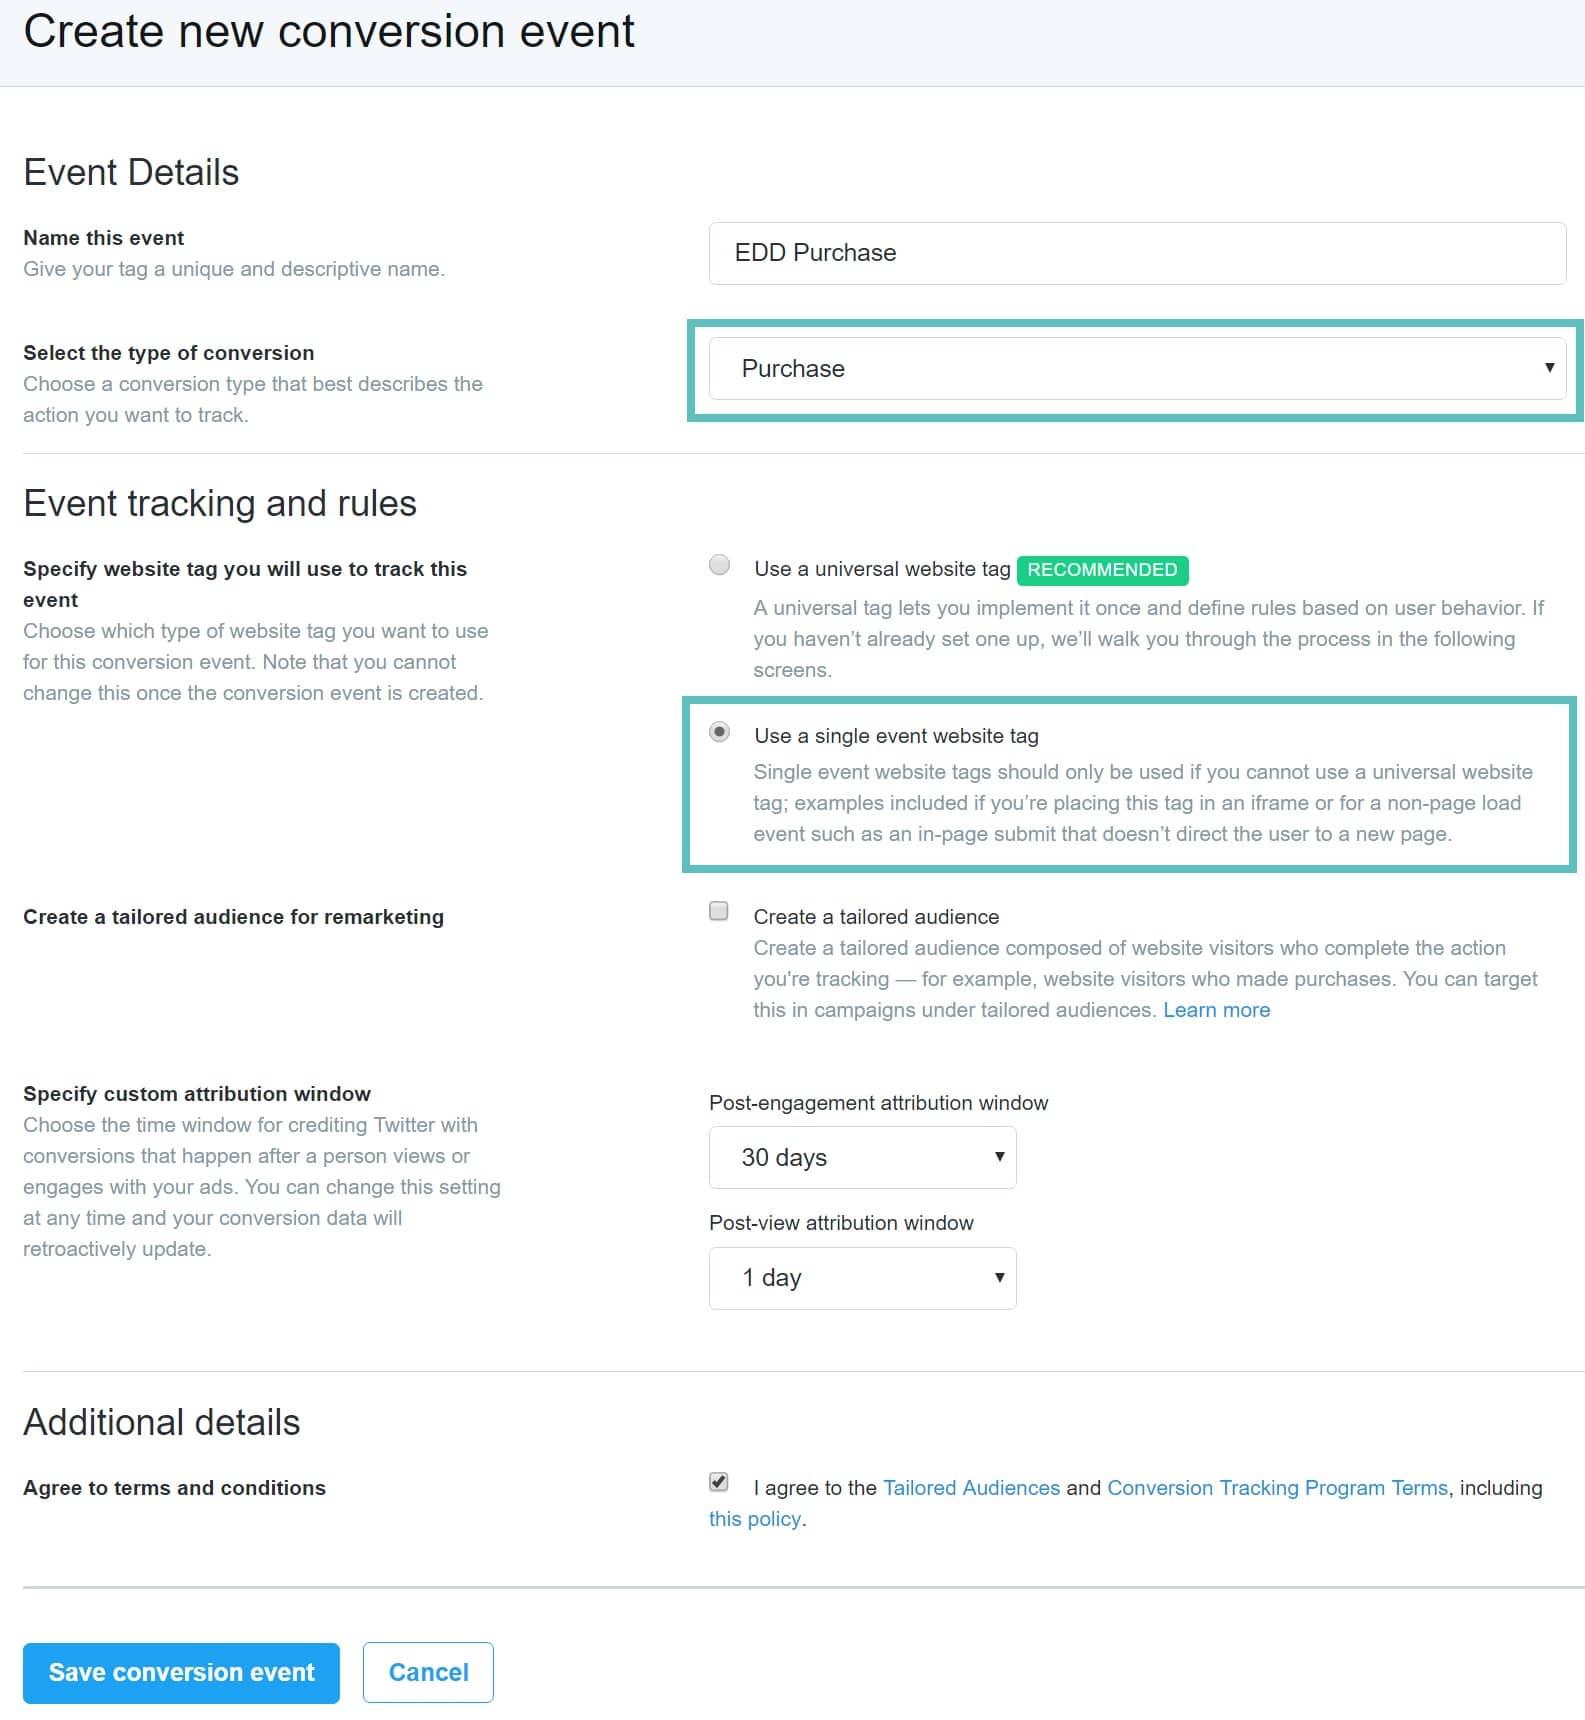 Pixel d'événement unique Twitter dans EDD